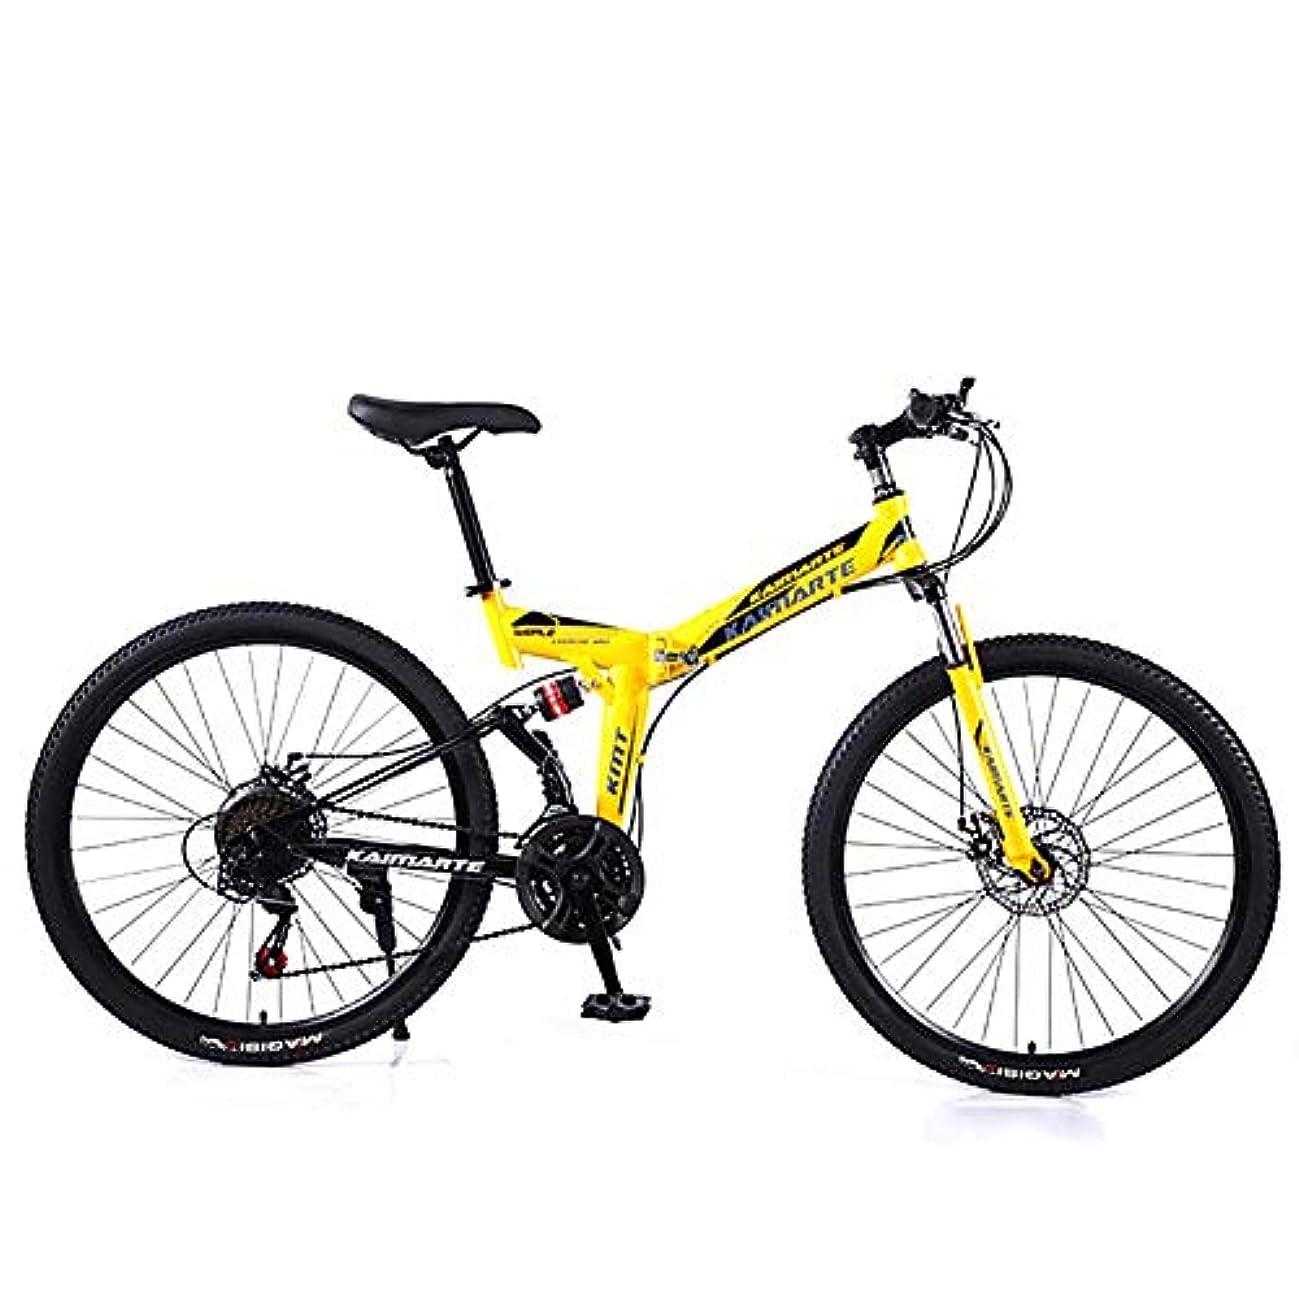 四回乗り出すスプリット自転車折りたたみ式マウンテンバイク24インチ21スピードダブルディスクブレーキ高炭素鋼衝撃吸収フレームスポーツレジャー男性と女性の自転車